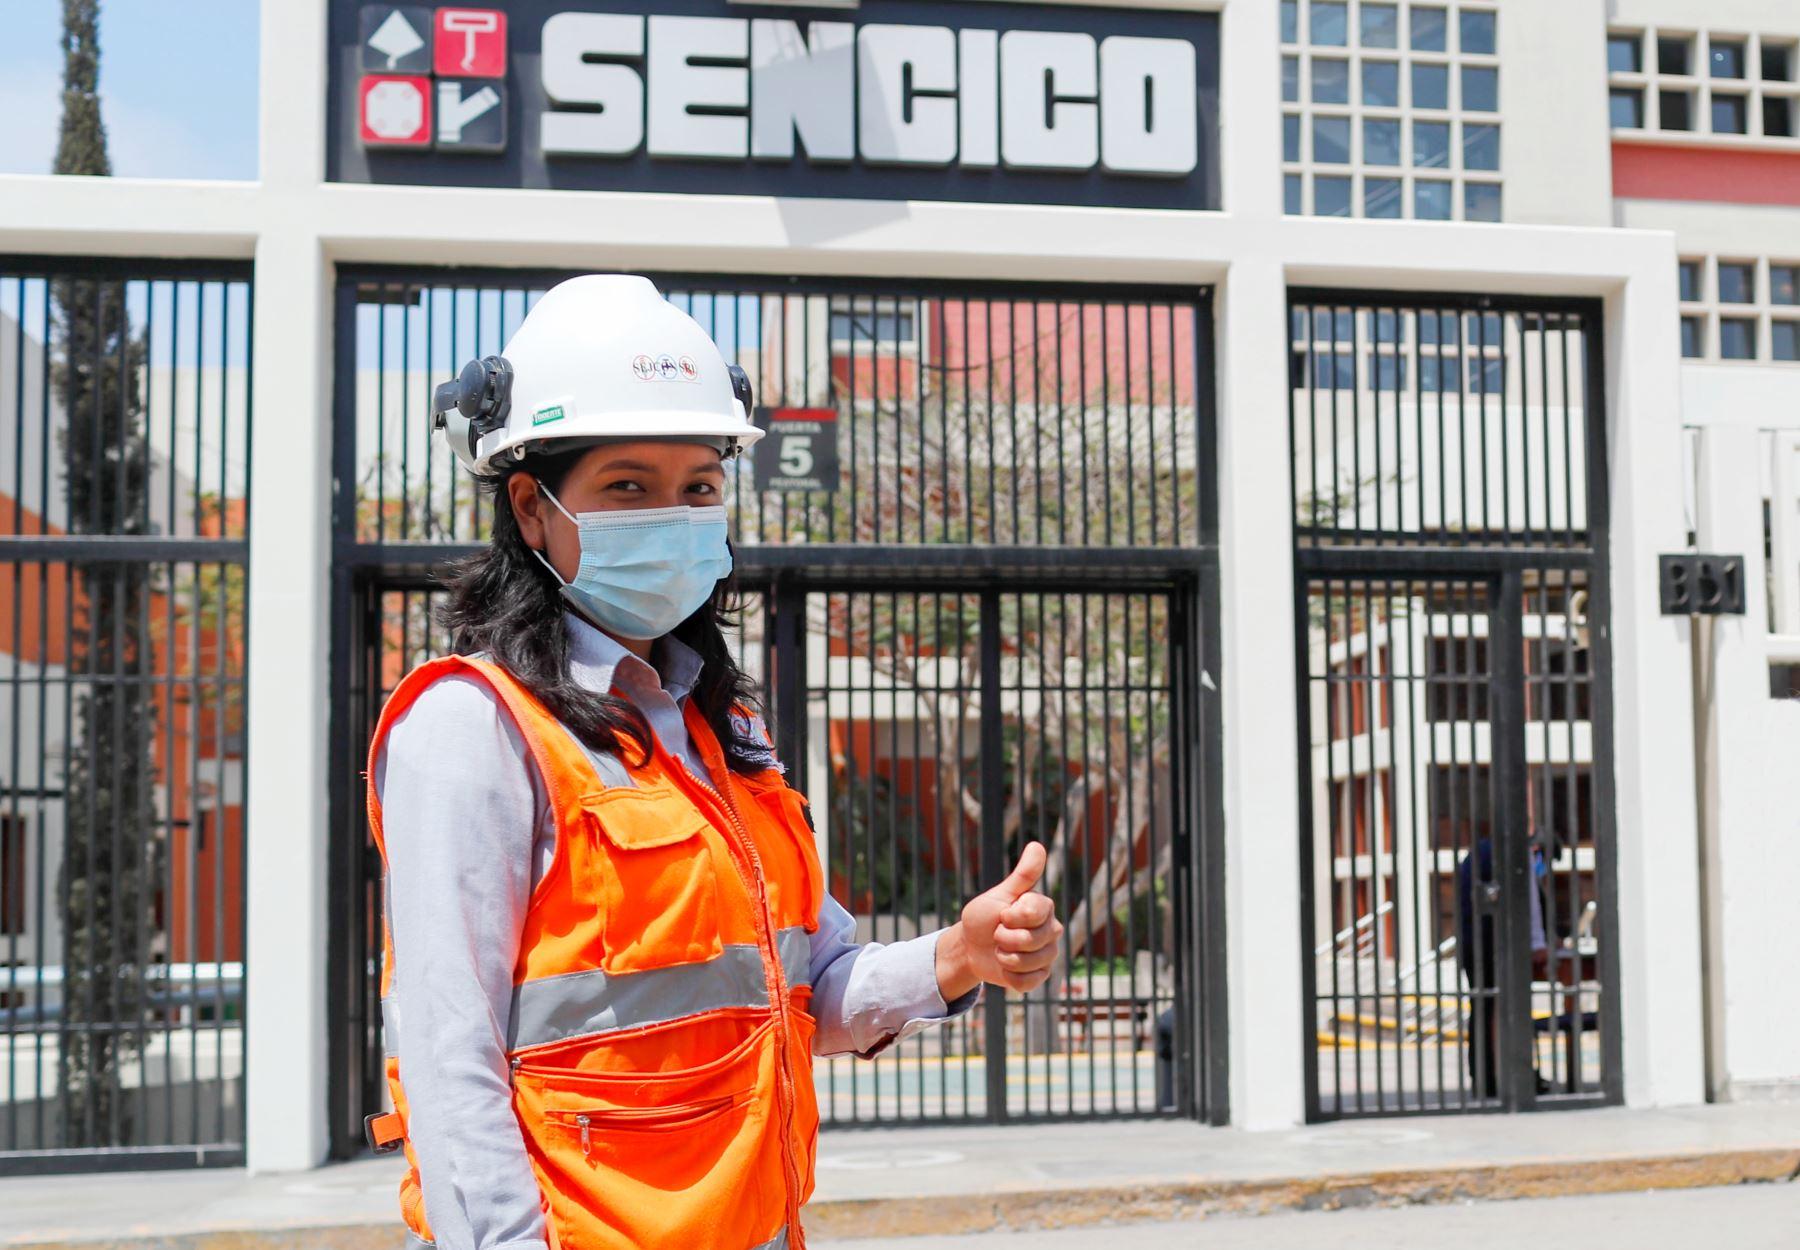 Foto: Sencico